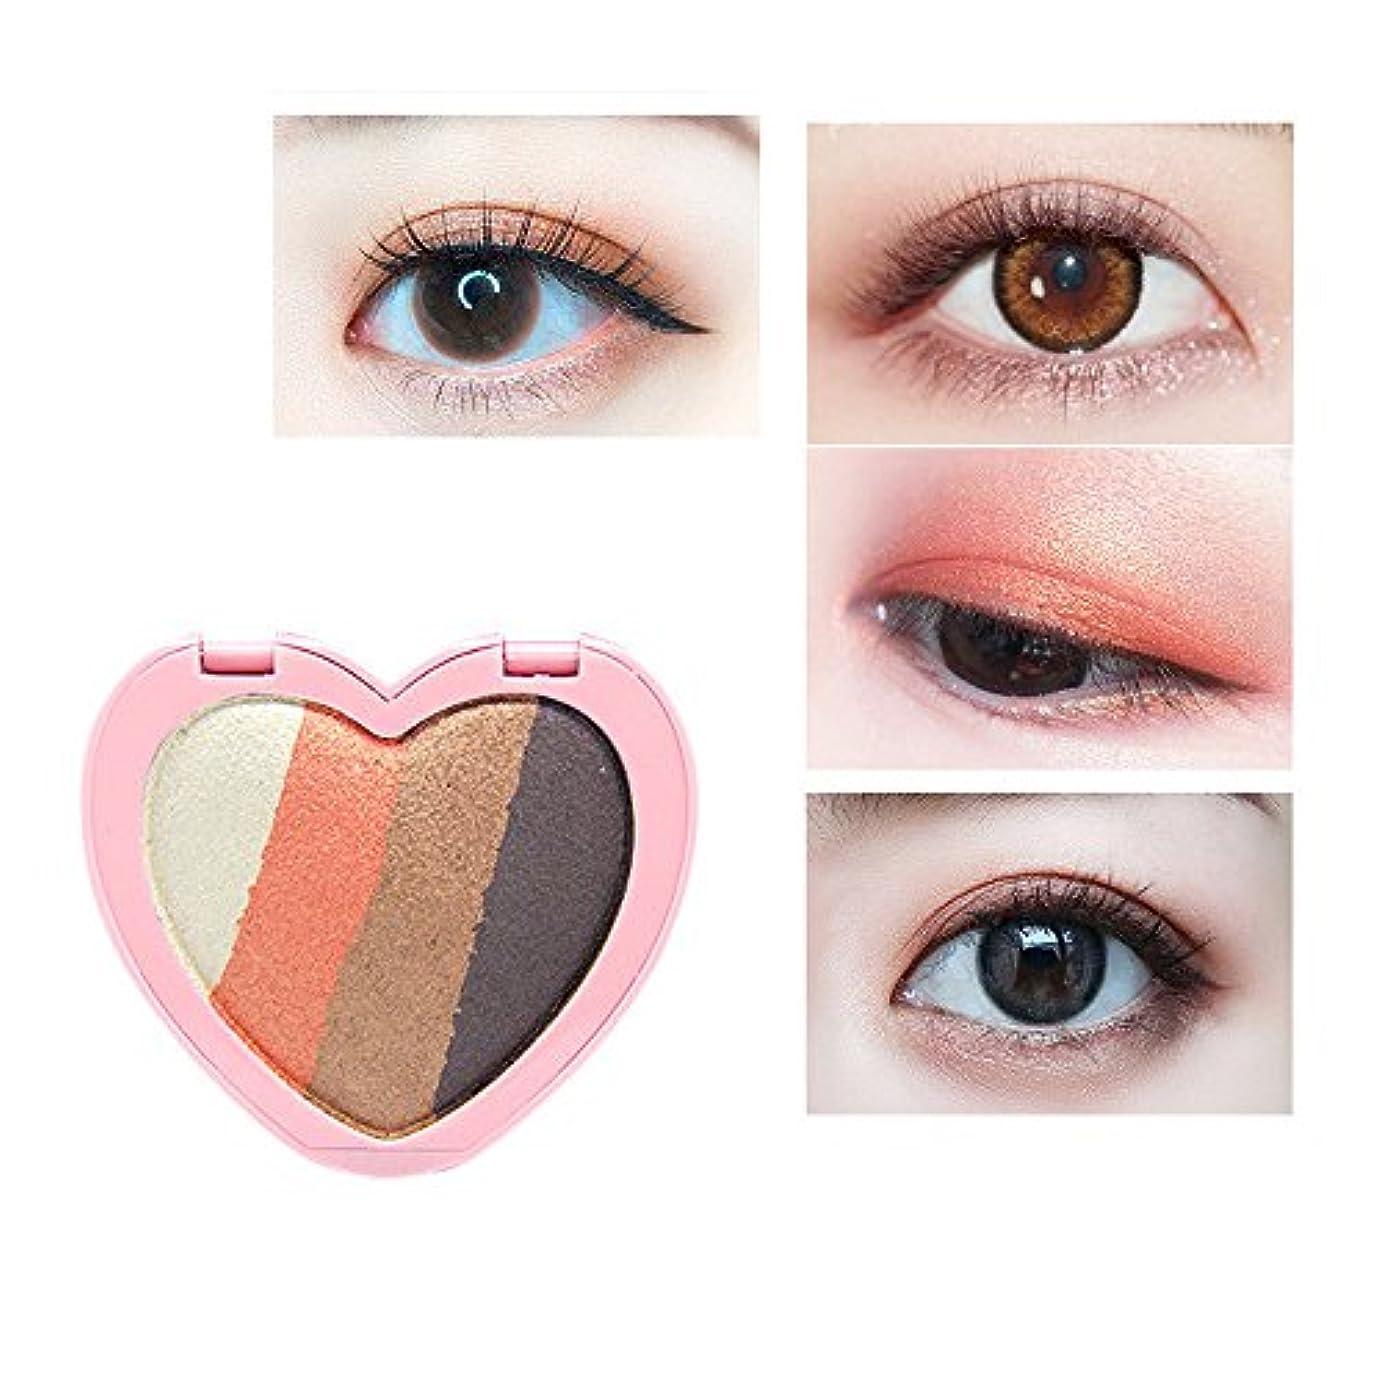 本会議奇跡インゲンAkane アイシャドウパレット HOJO ファッション 超可愛い 心形 綺麗 素敵 美しい 防水 魅力的 高級 優雅な キラキラ 持ち便利 日常 Eye Shadow (4色) 8009